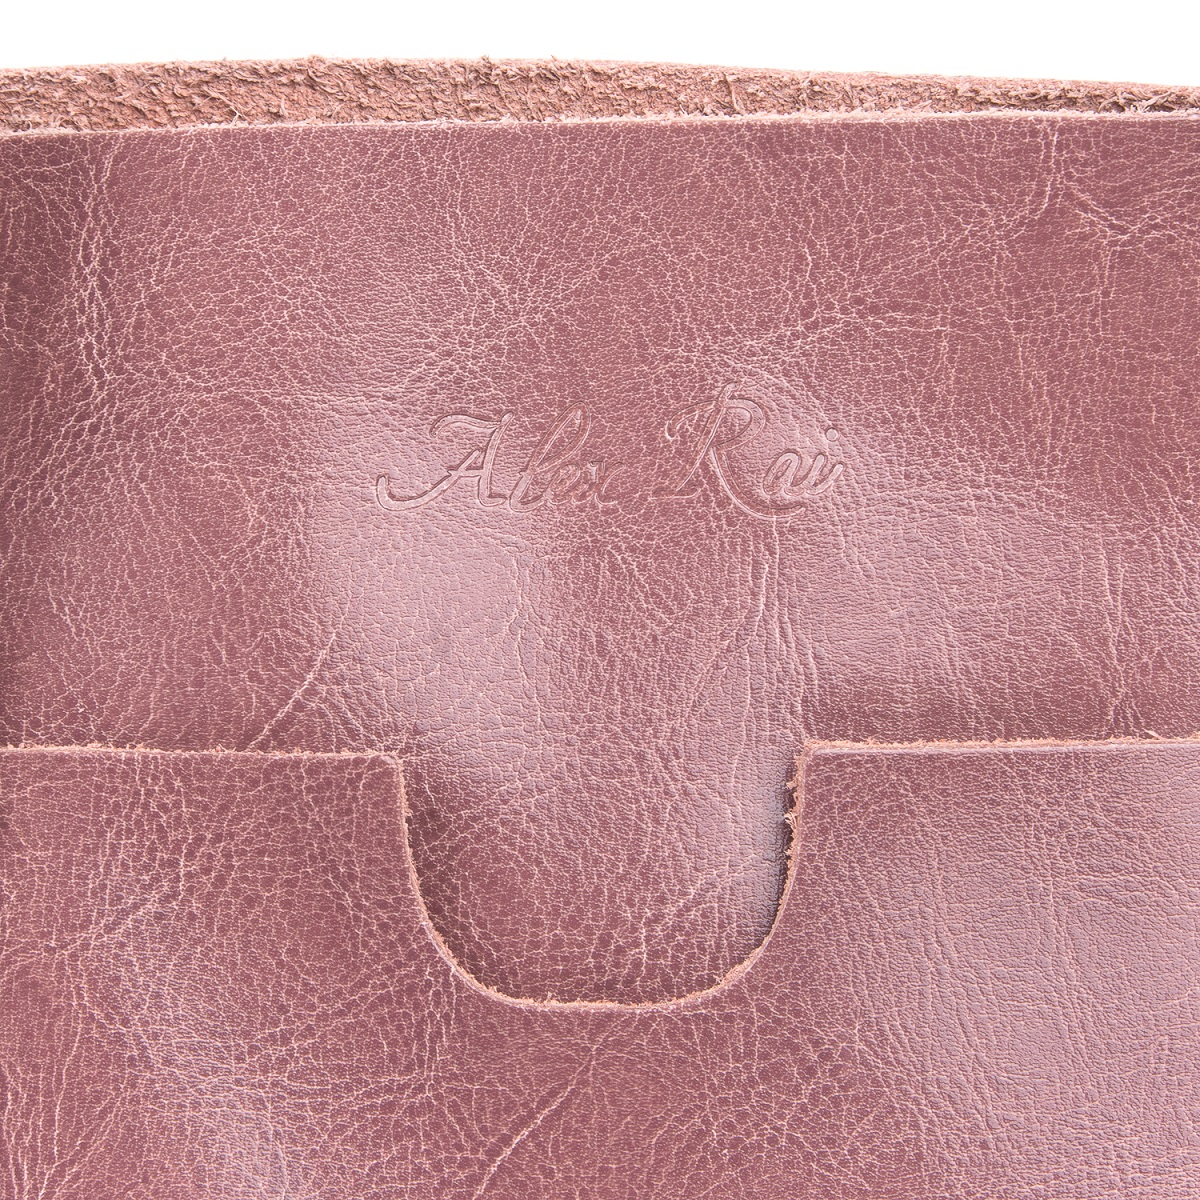 Сумка Женская Классическая кожа ALEX RAI 08-1 1535 violet - фото 4